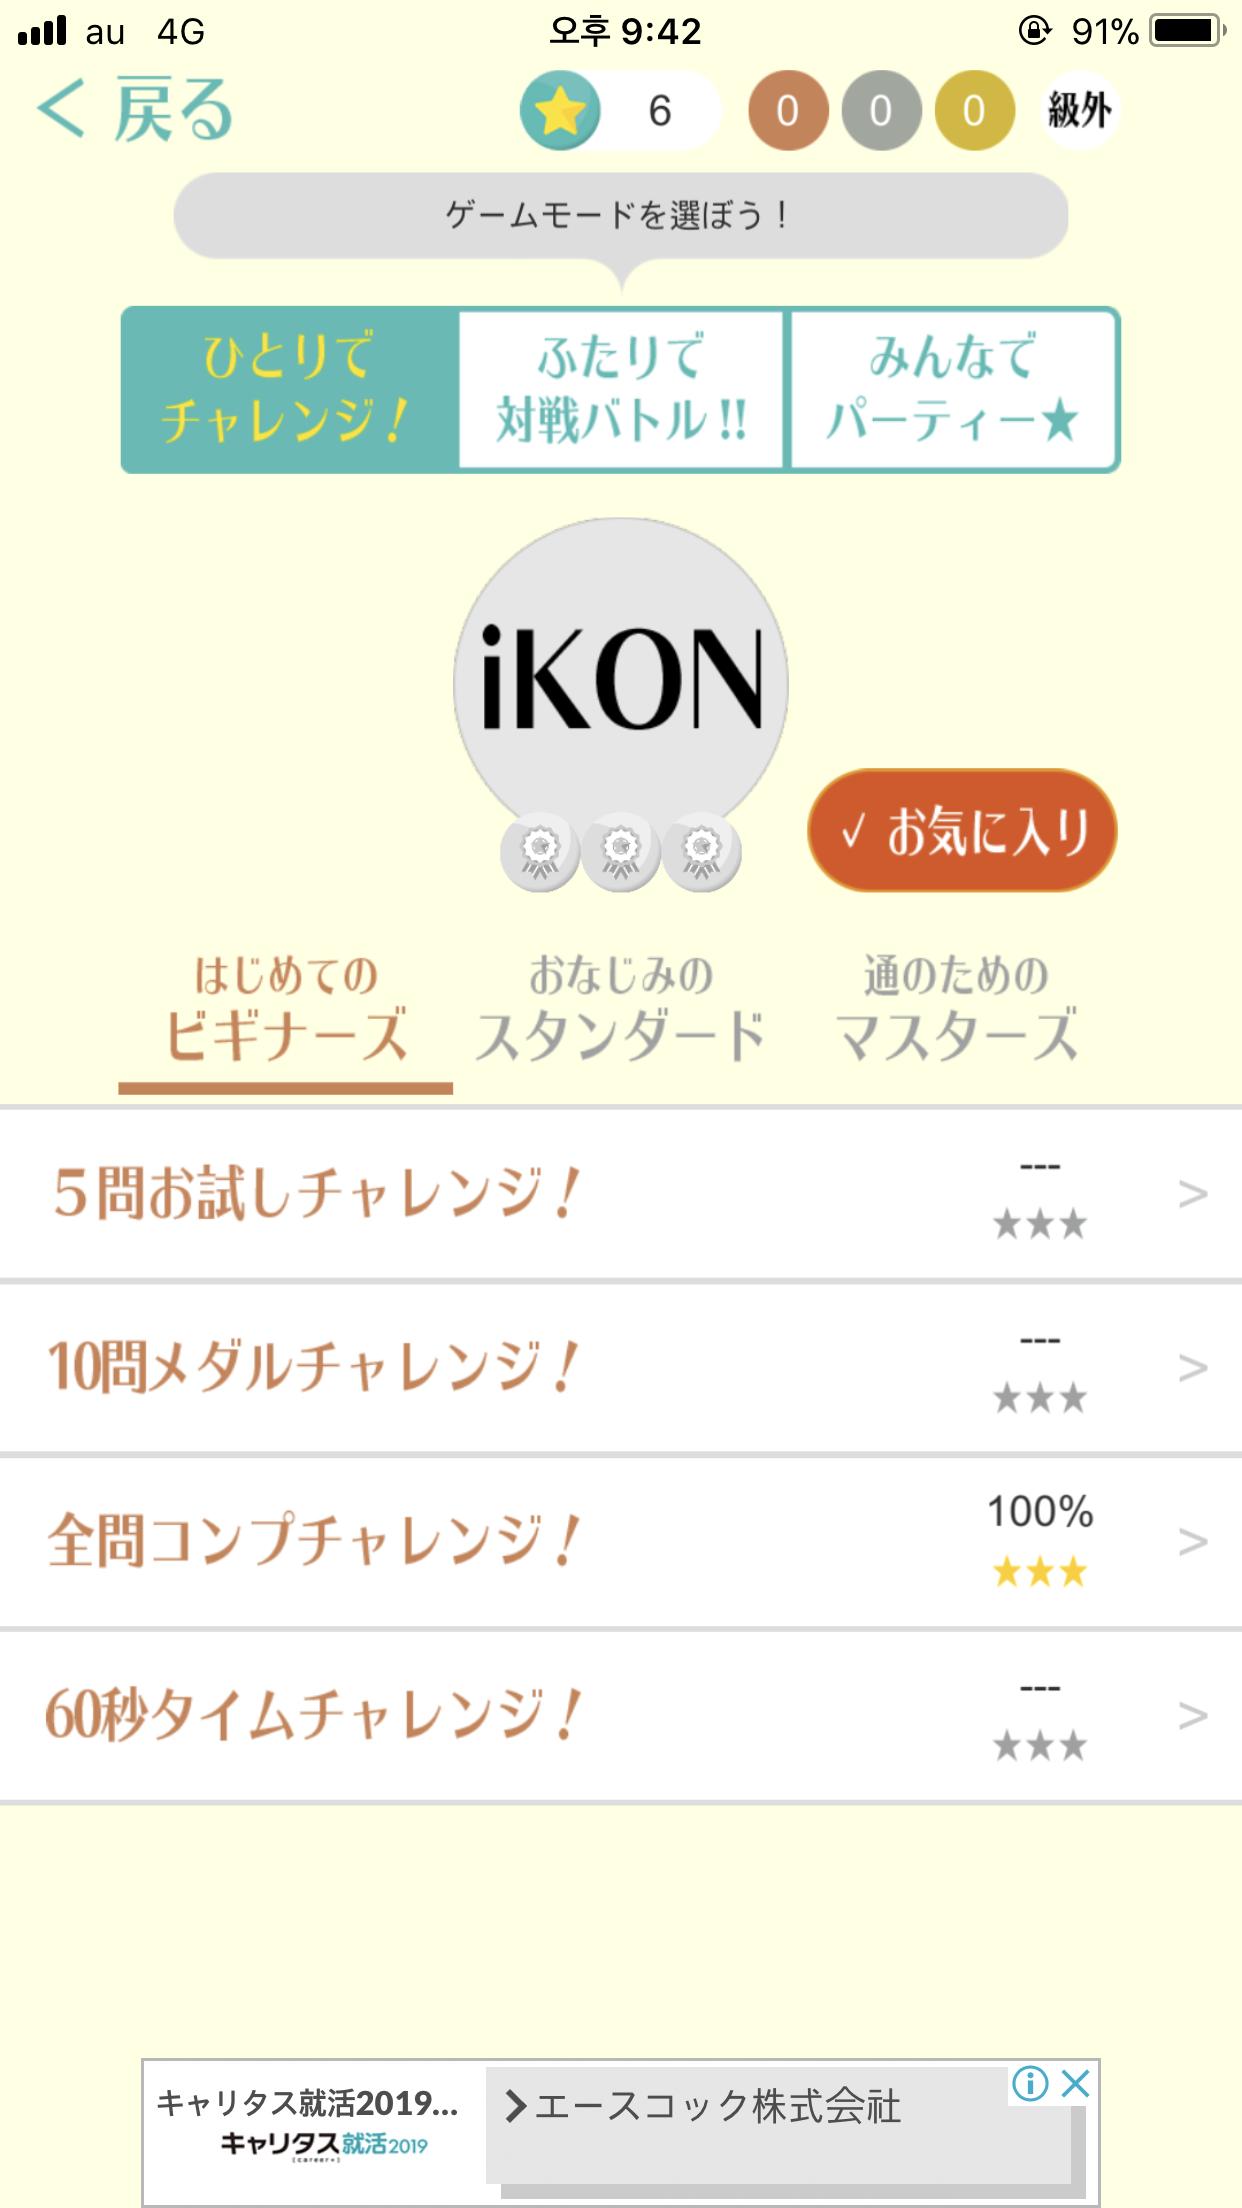 アプリ内画像